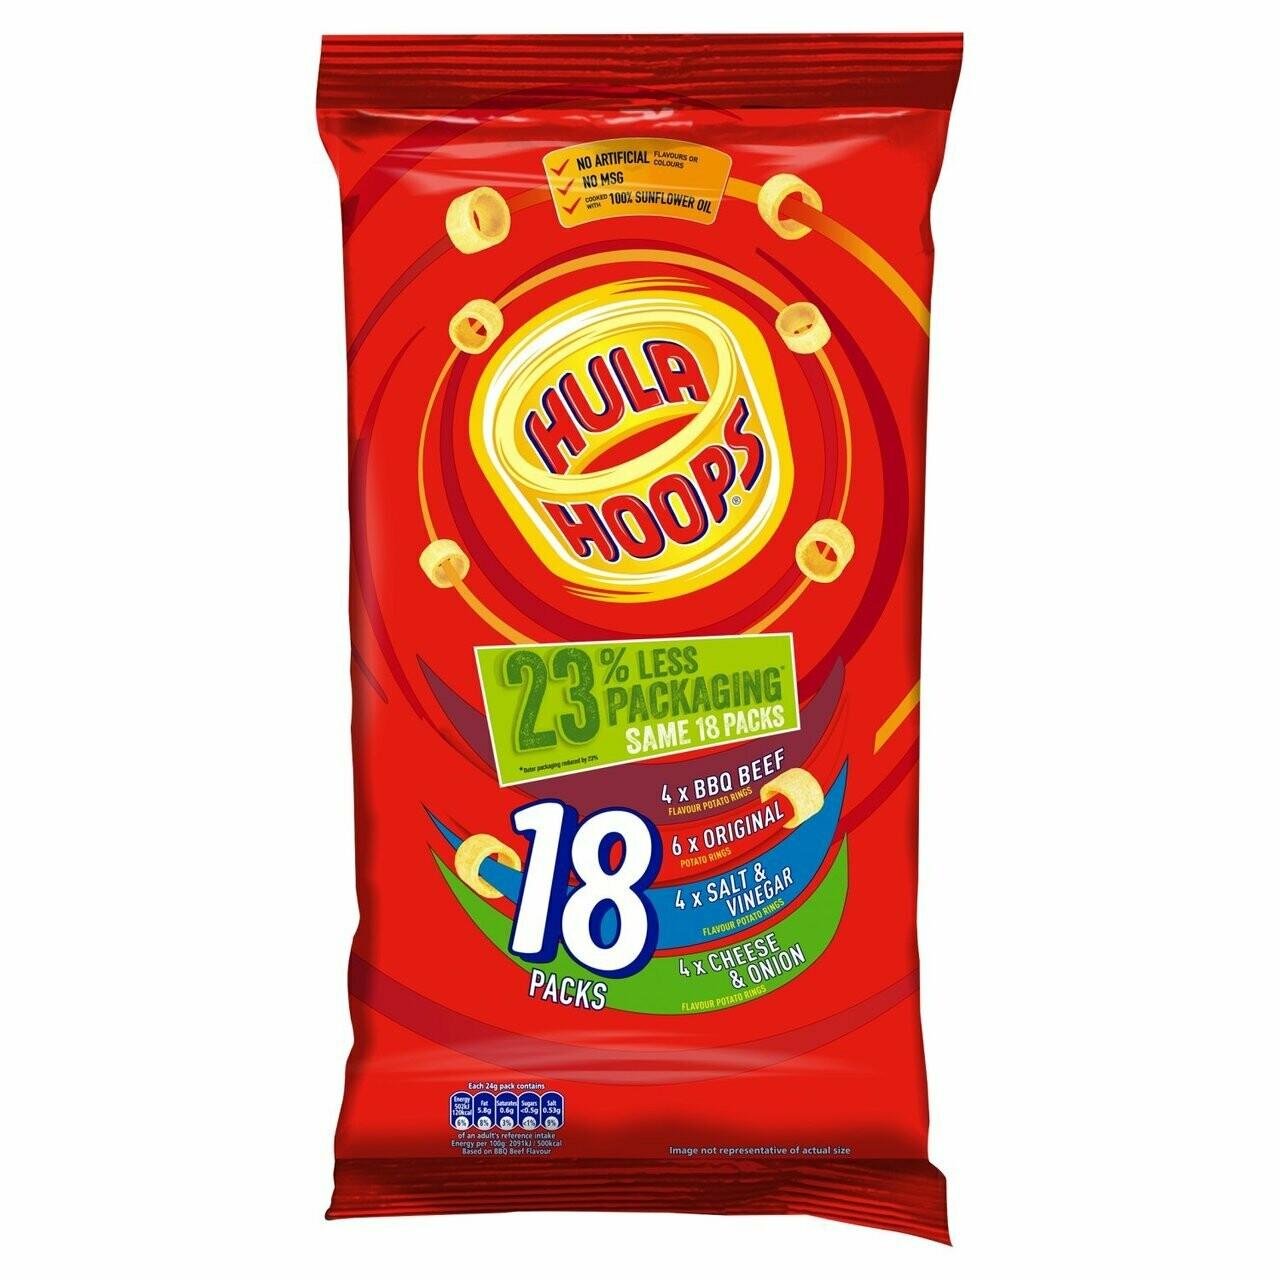 KP Hula Hoops Variety Pack 24g Bag [18 BAGS]